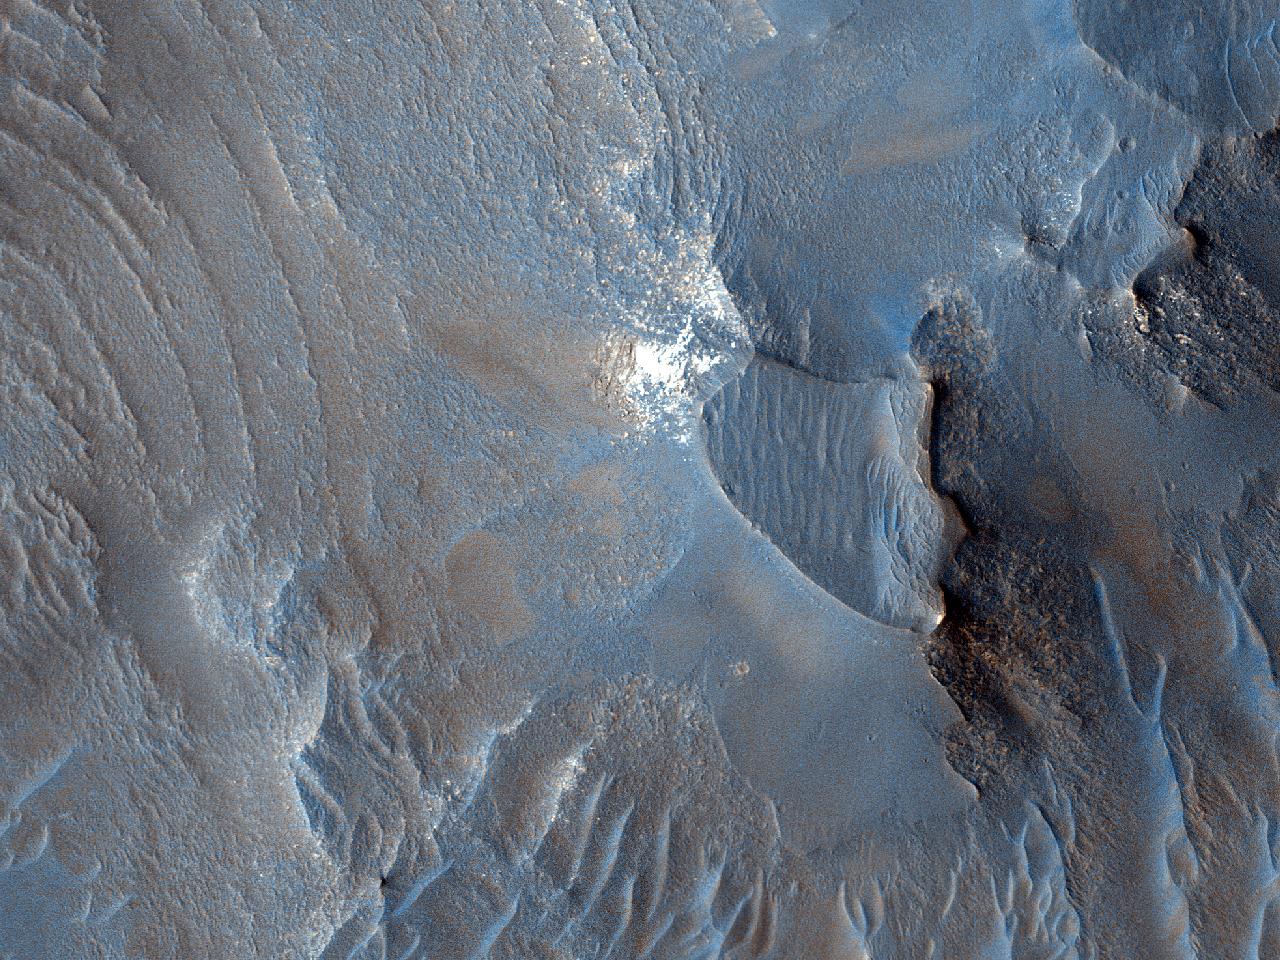 Creste și unde pe dunele de nisip din Capri Mensa